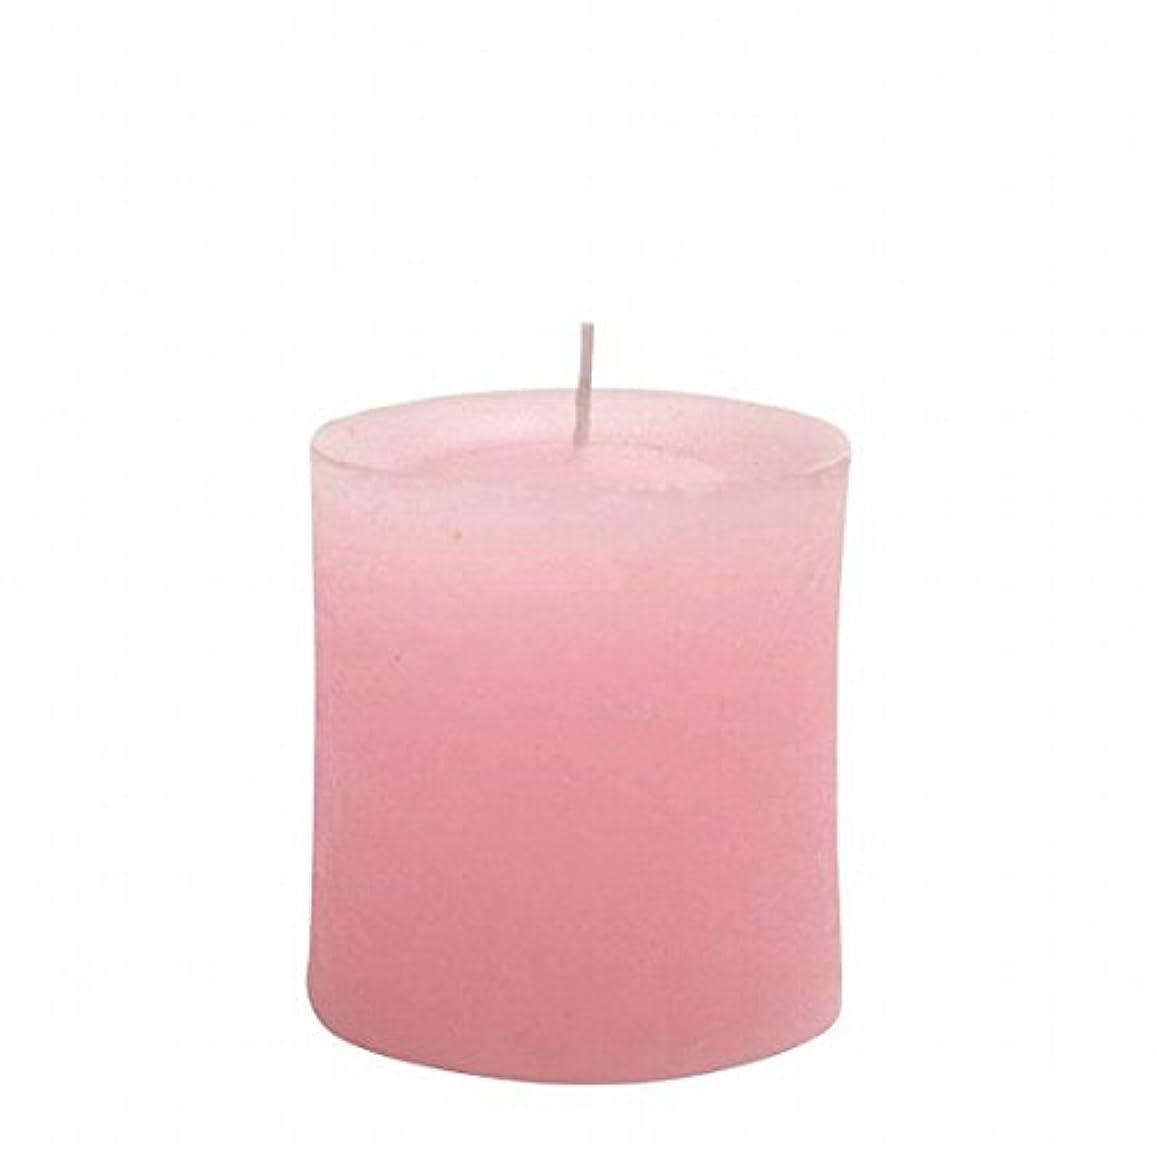 ヤンキーキャンドル(YANKEE CANDLE) ラスティクピラー70×75 「 ピンク 」